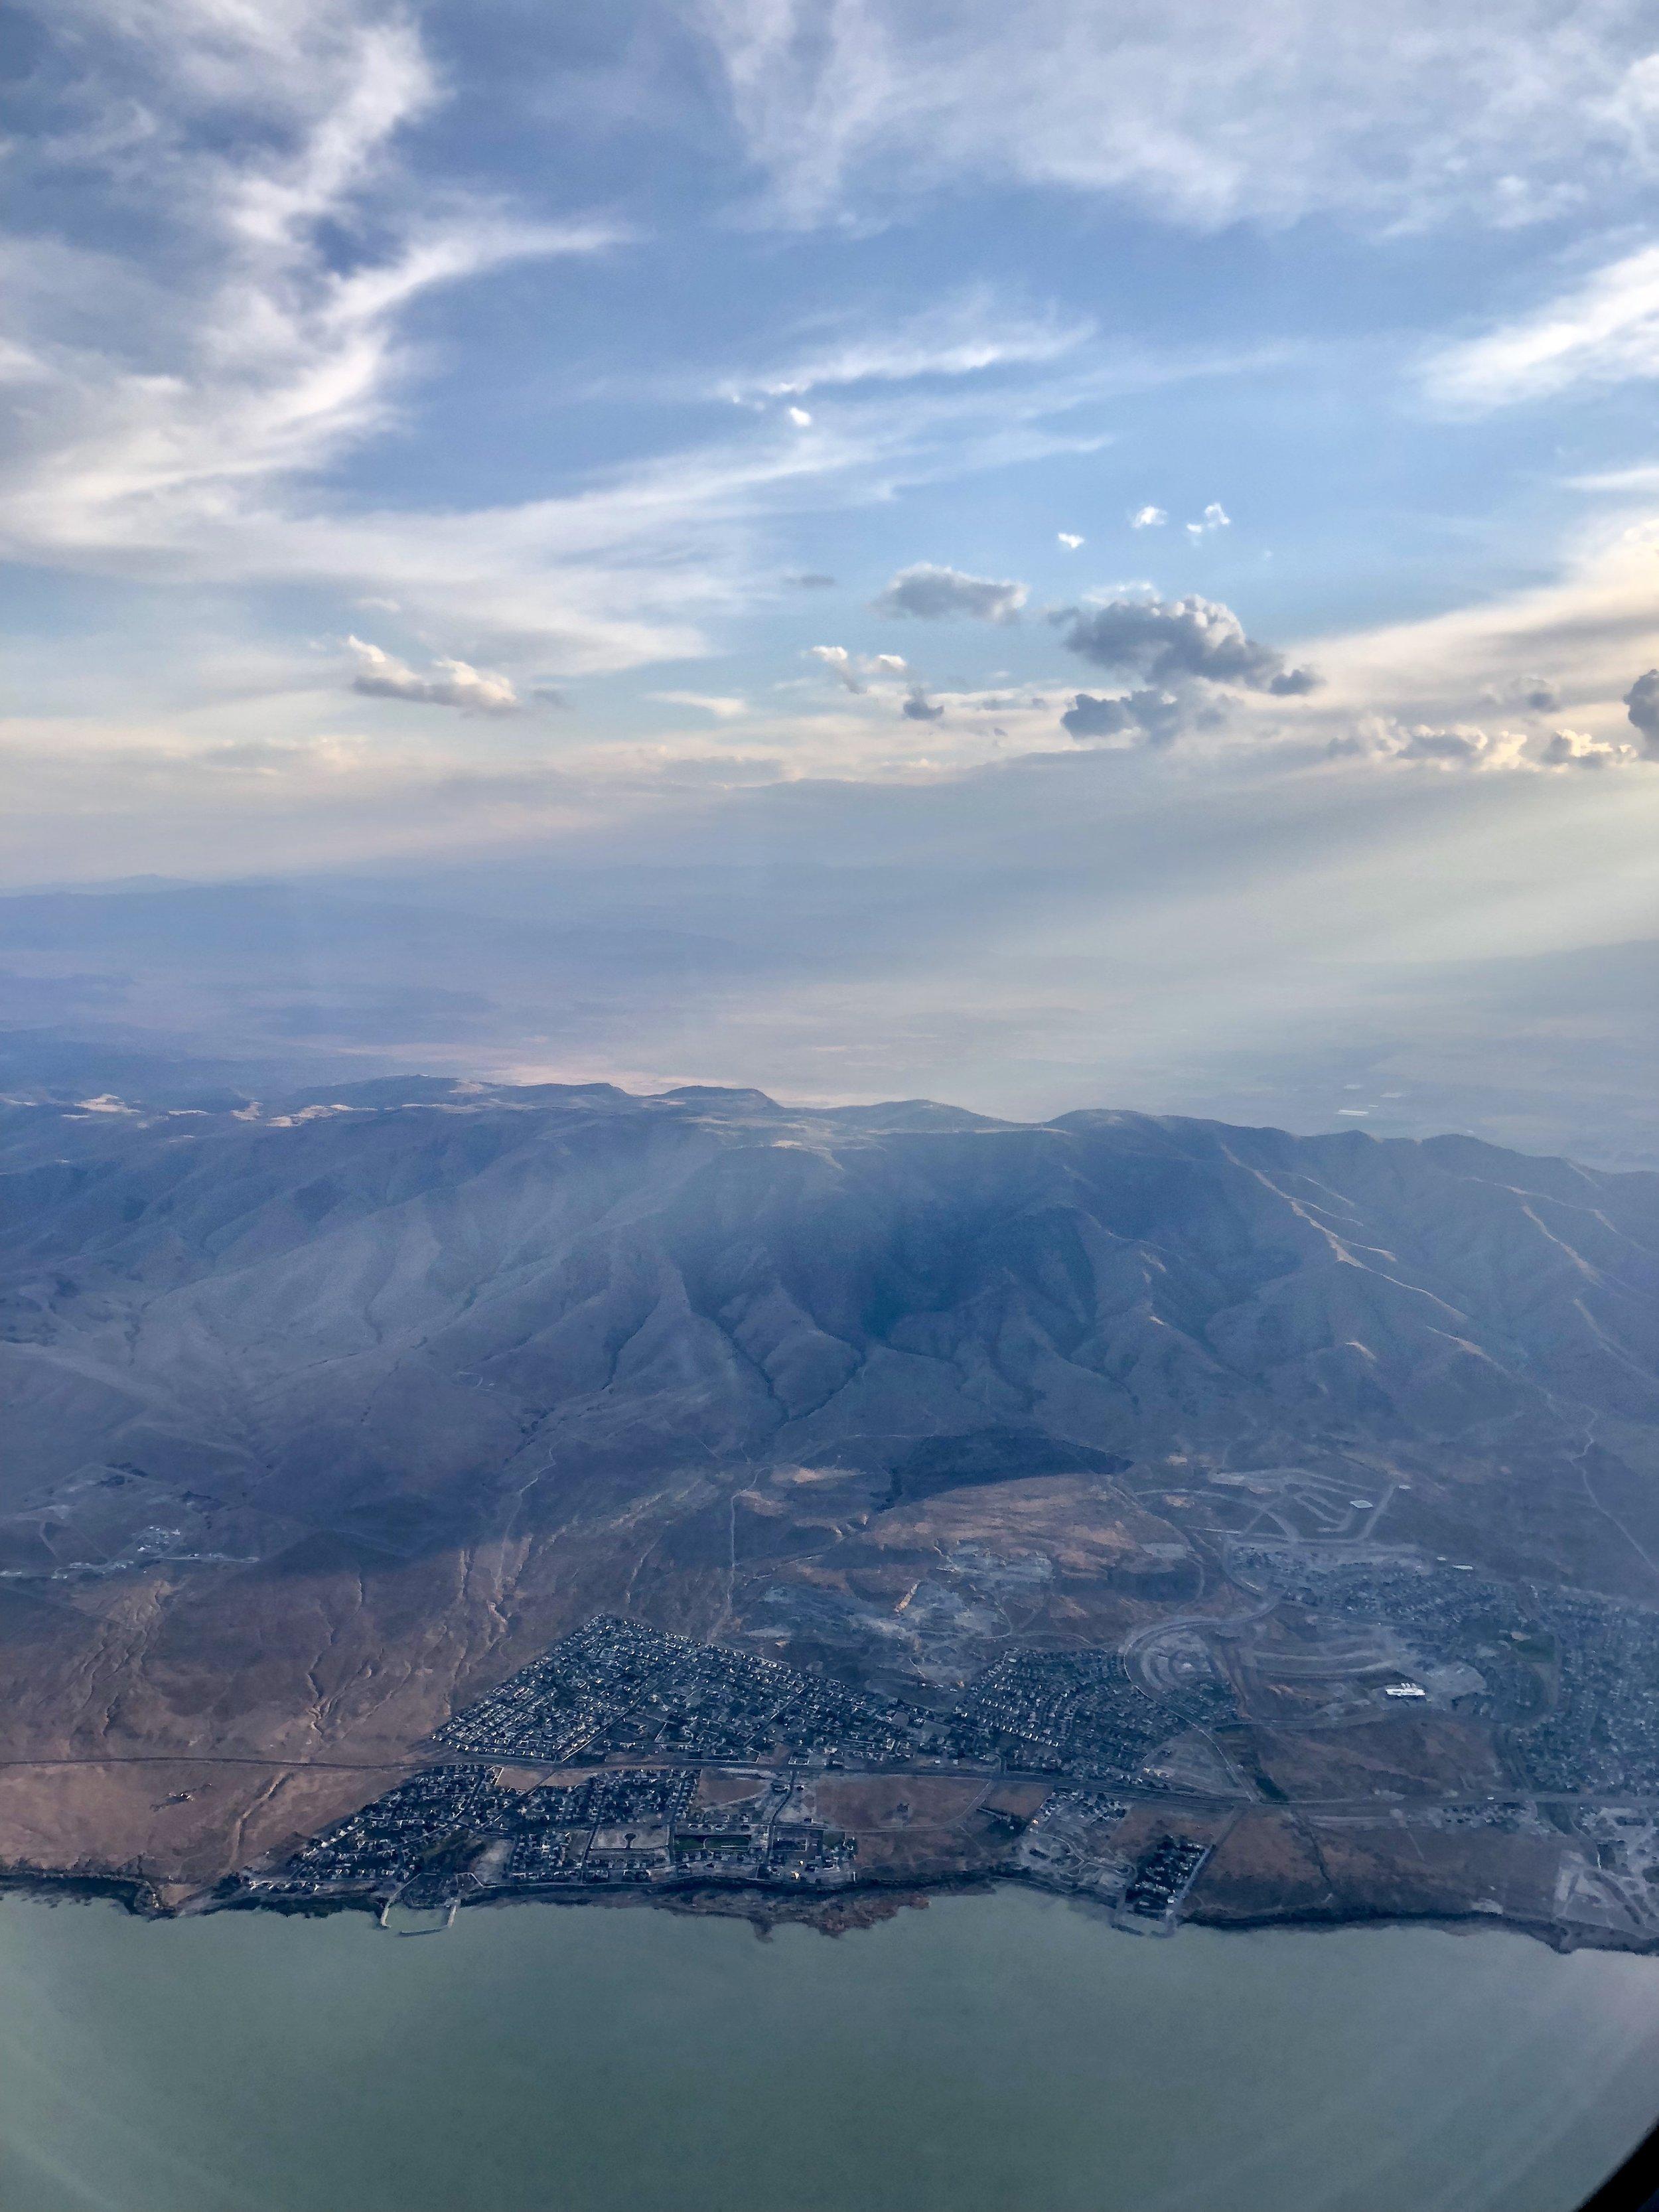 Until we return - stay classy Utah!